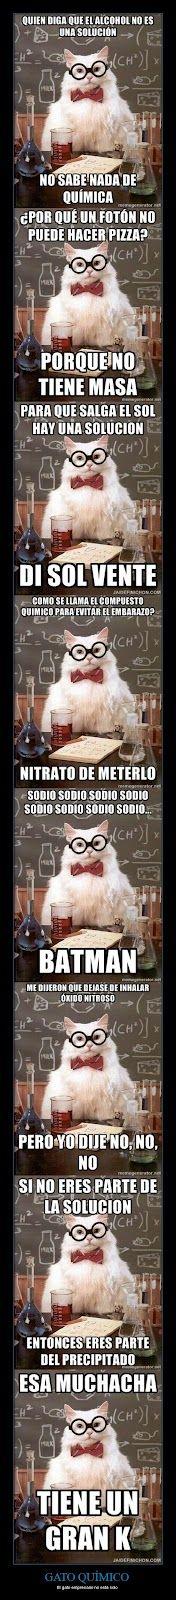 Una de chistes malos ... para químicos